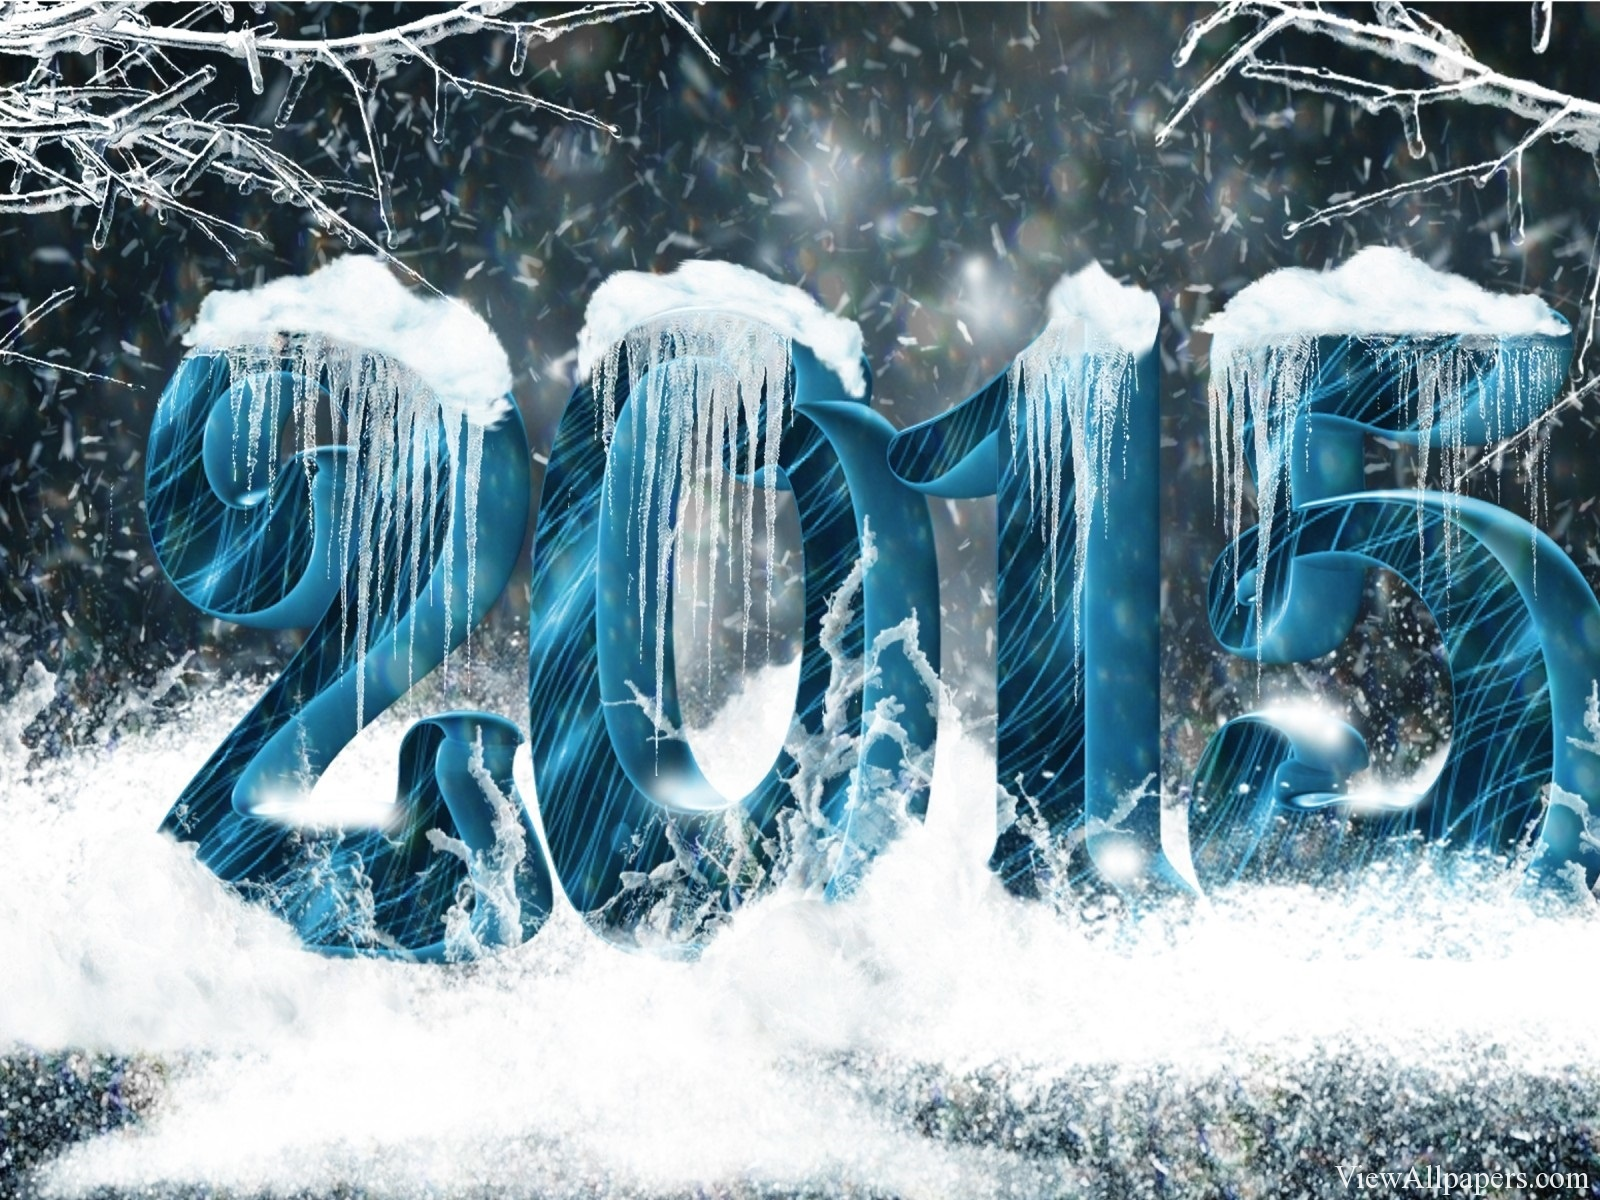 Disney Frozen 2 Movie 2015 High Resolution Wallpaper download 1600x1200